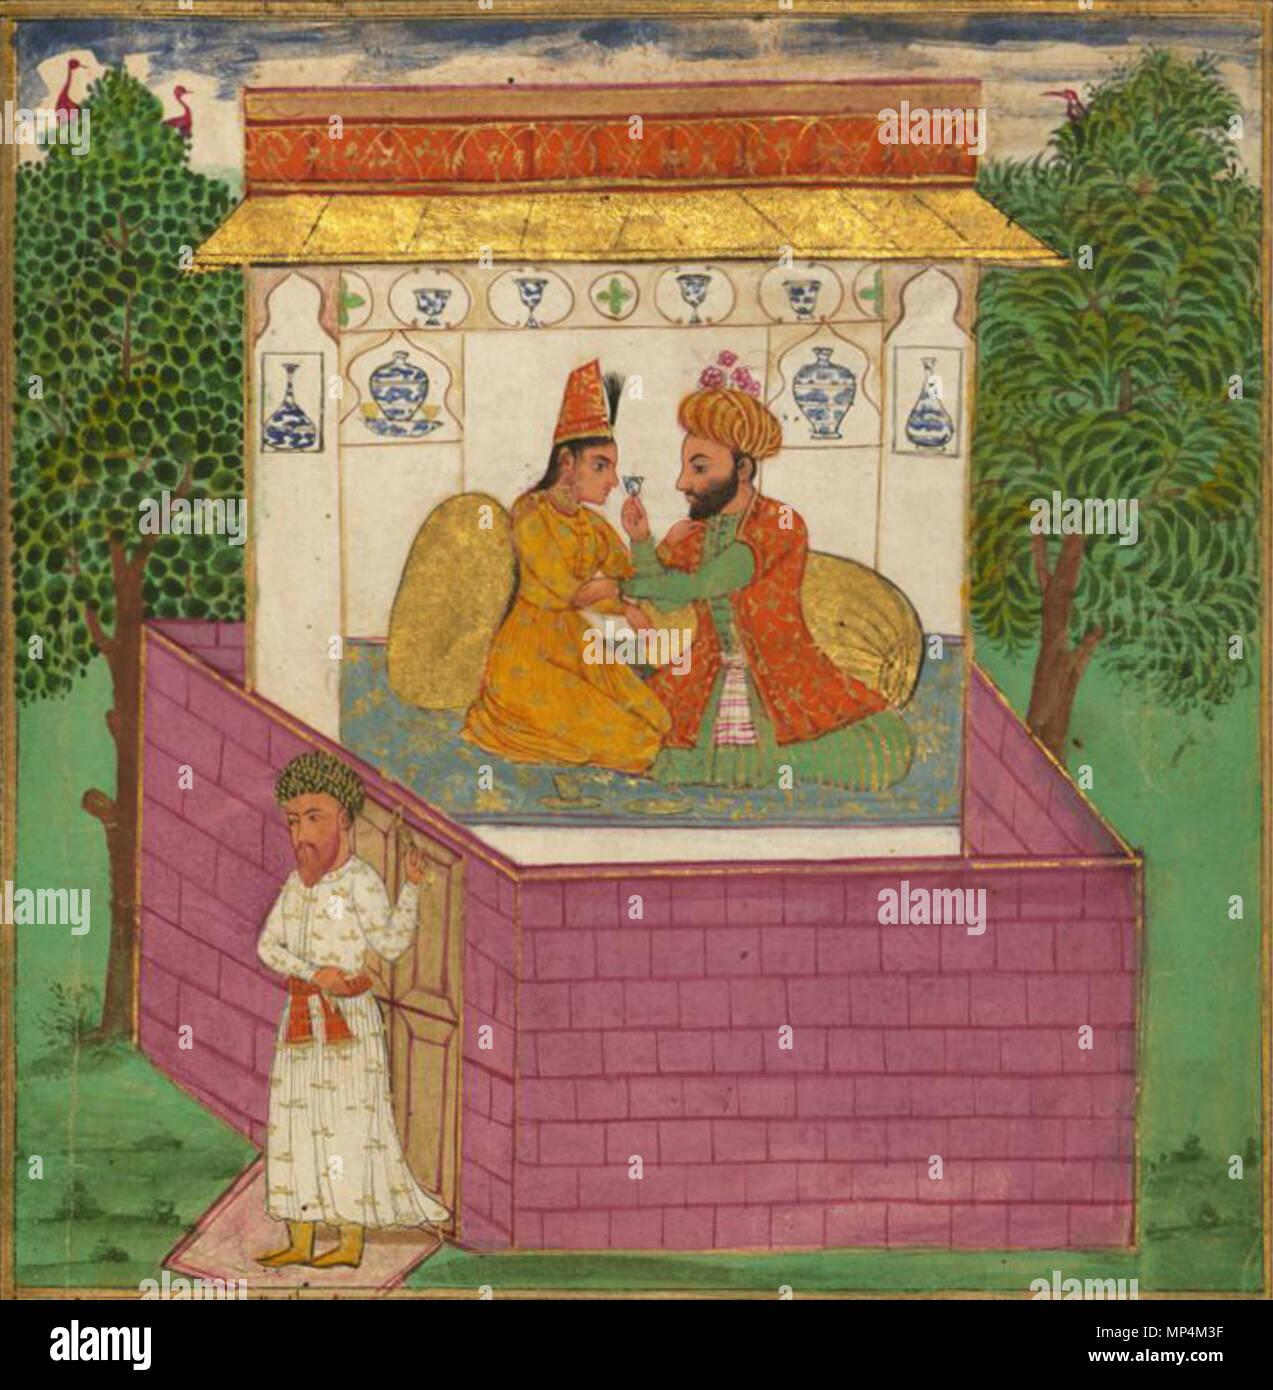 . Inglés: zapatero y la esposa infiel de un Sufí se sorprenden por su marido inesperado regreso a casa. Español: ONU zapatero y la esposa infiel de ONU hijo Sufi sorprendidos por el inesperado regreso a casa del marido. 1663 AD (Hijri历1073) (original), 2013-02-11 (retocada). Rumi (1207-1273) Nombres alternativos Rumi, Mevlânâ Celâleddîn-i, Rûmî Jalāl ad-Dīn Muḥammad Balkhī, Jalal al-Din, Maulana Rumi, Mevlānā, Mawlānā فارسی: جلالالدین محمد بلخى Descripción poeta persa, jurista y teólogo Fecha de nacimiento/muerte el 30 de septiembre de 1207 17 de diciembre de 1273 Lugar de nacimiento/muerte Balkh Ko Imagen De Stock